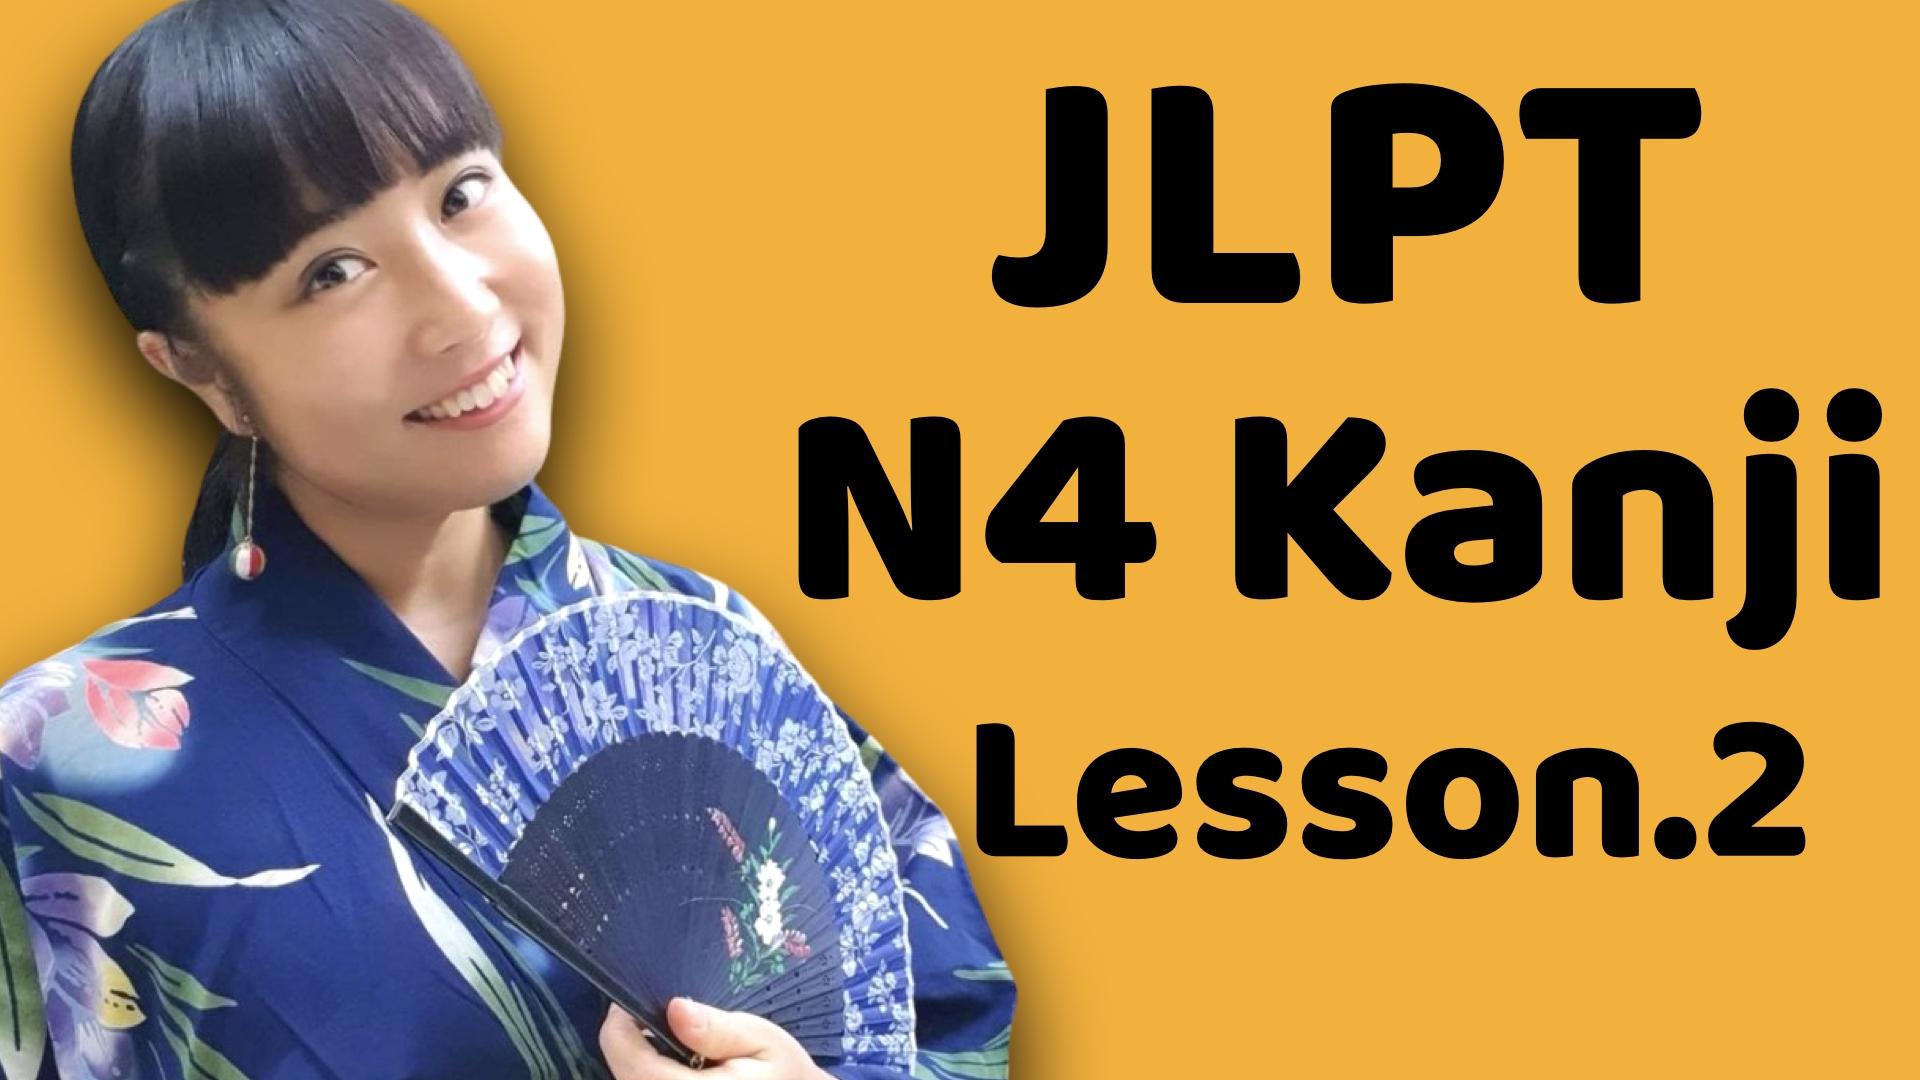 JLPT N4 Kanji Material (#002)